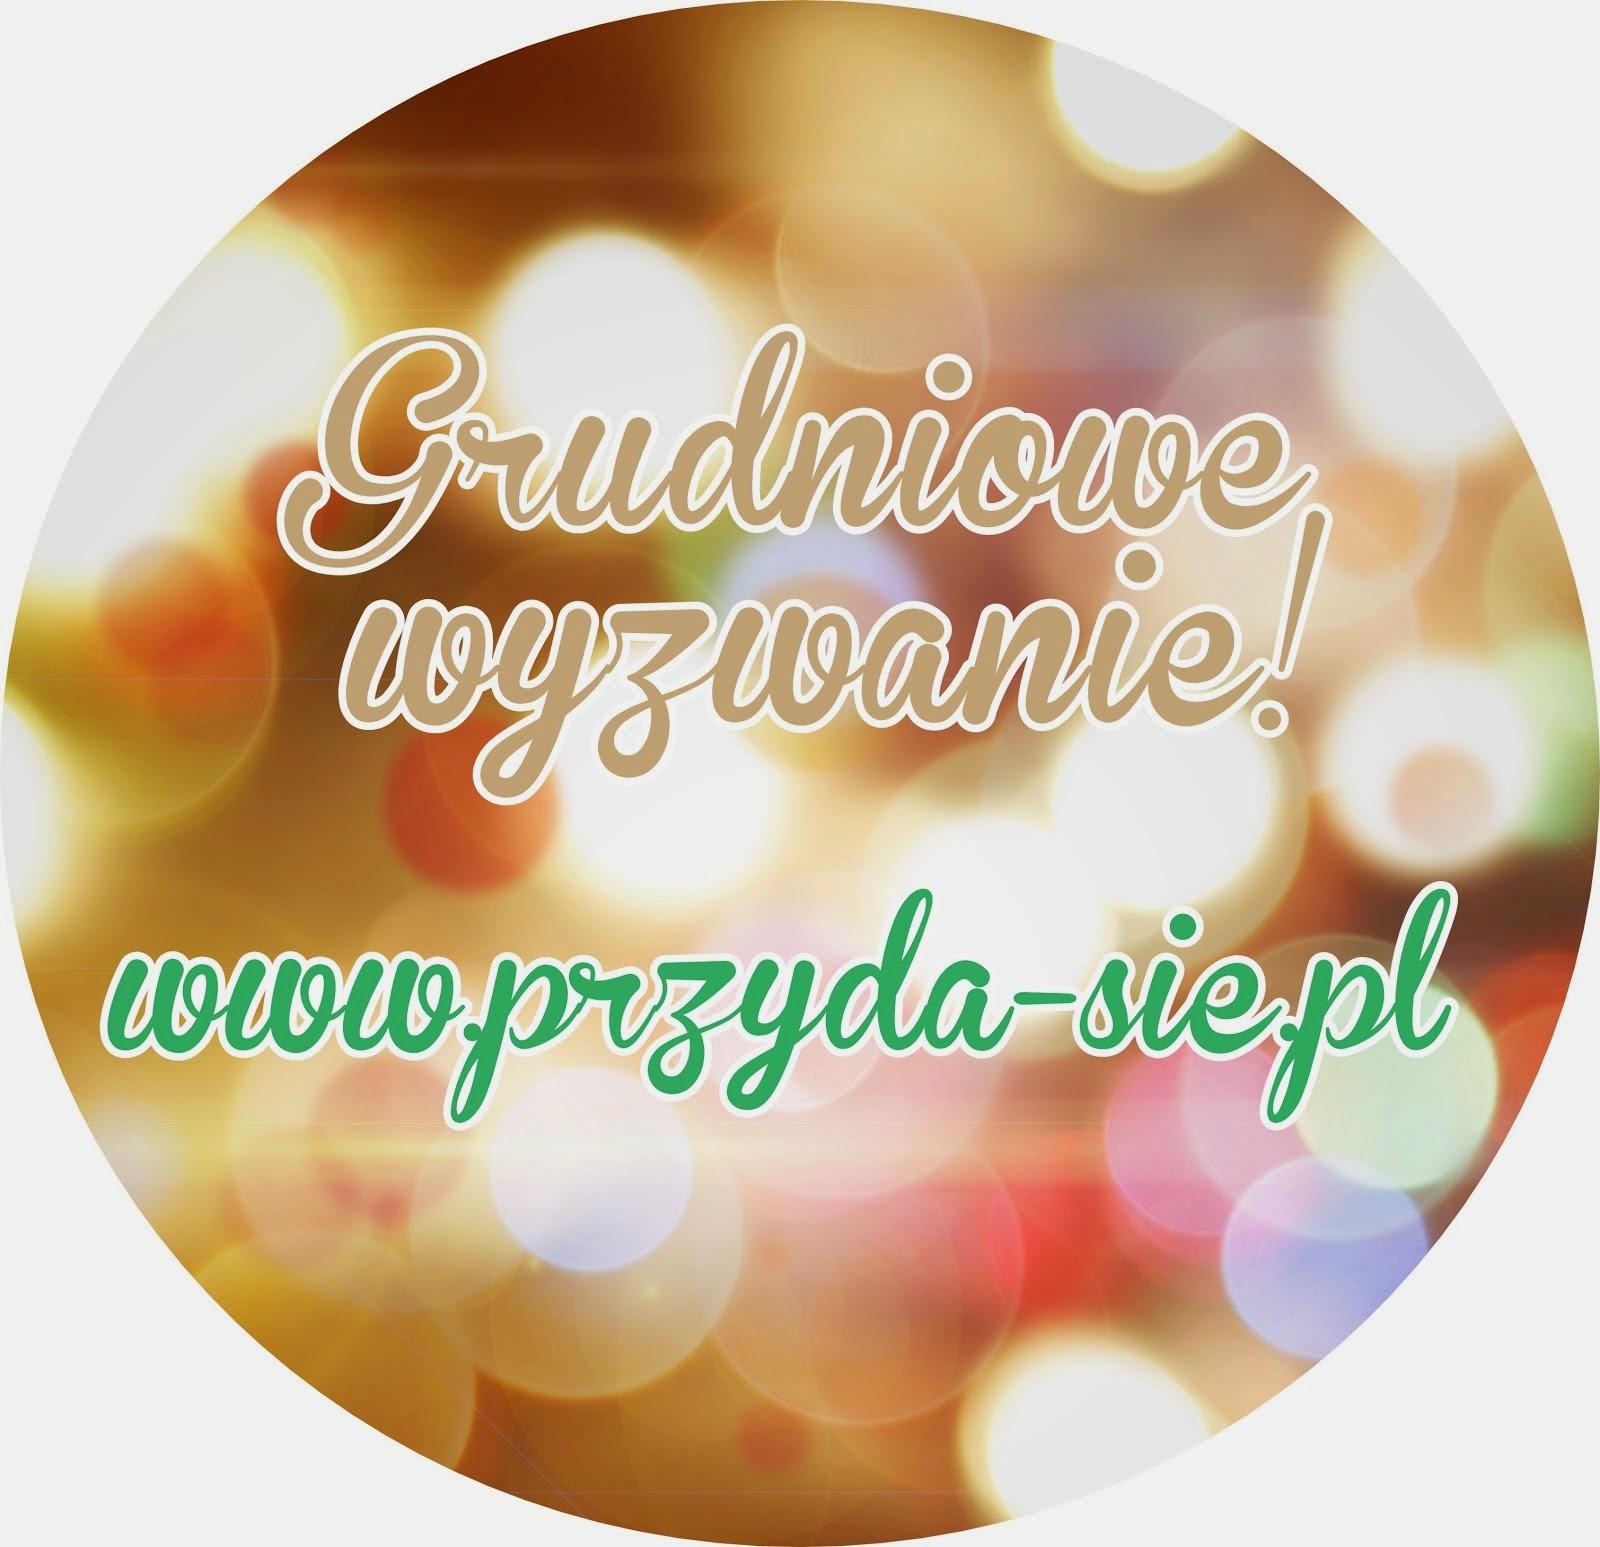 http://blogprzyda-sie.blogspot.com/2014/12/grudniowe-wyzwanie.html